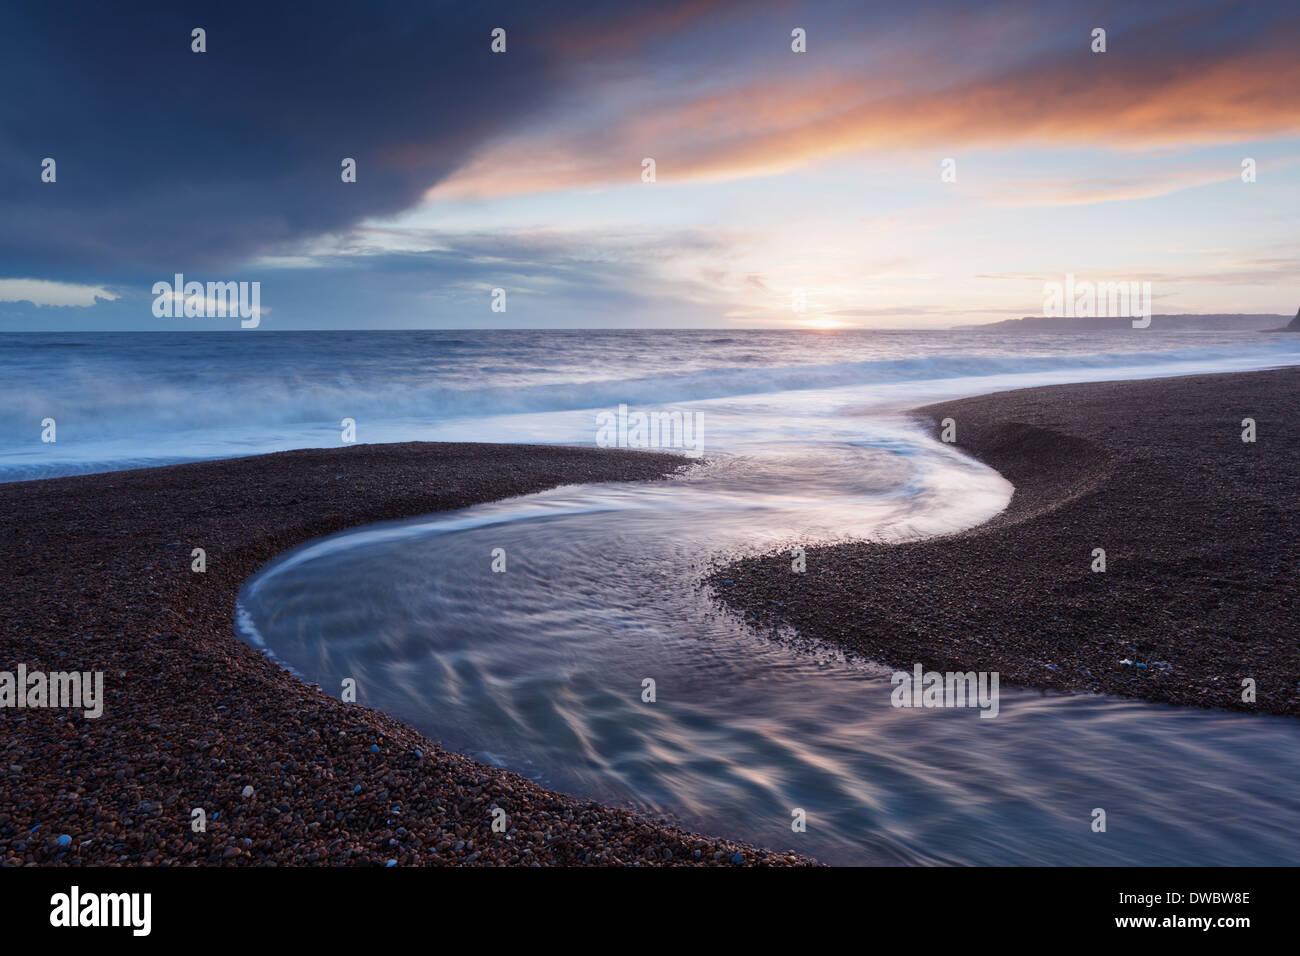 Winniford sul fiume che scorre verso il mare a Seatown Beach. Jurassic Coast Sito Patrimonio Mondiale. Il Dorset. Regno Unito. Immagini Stock